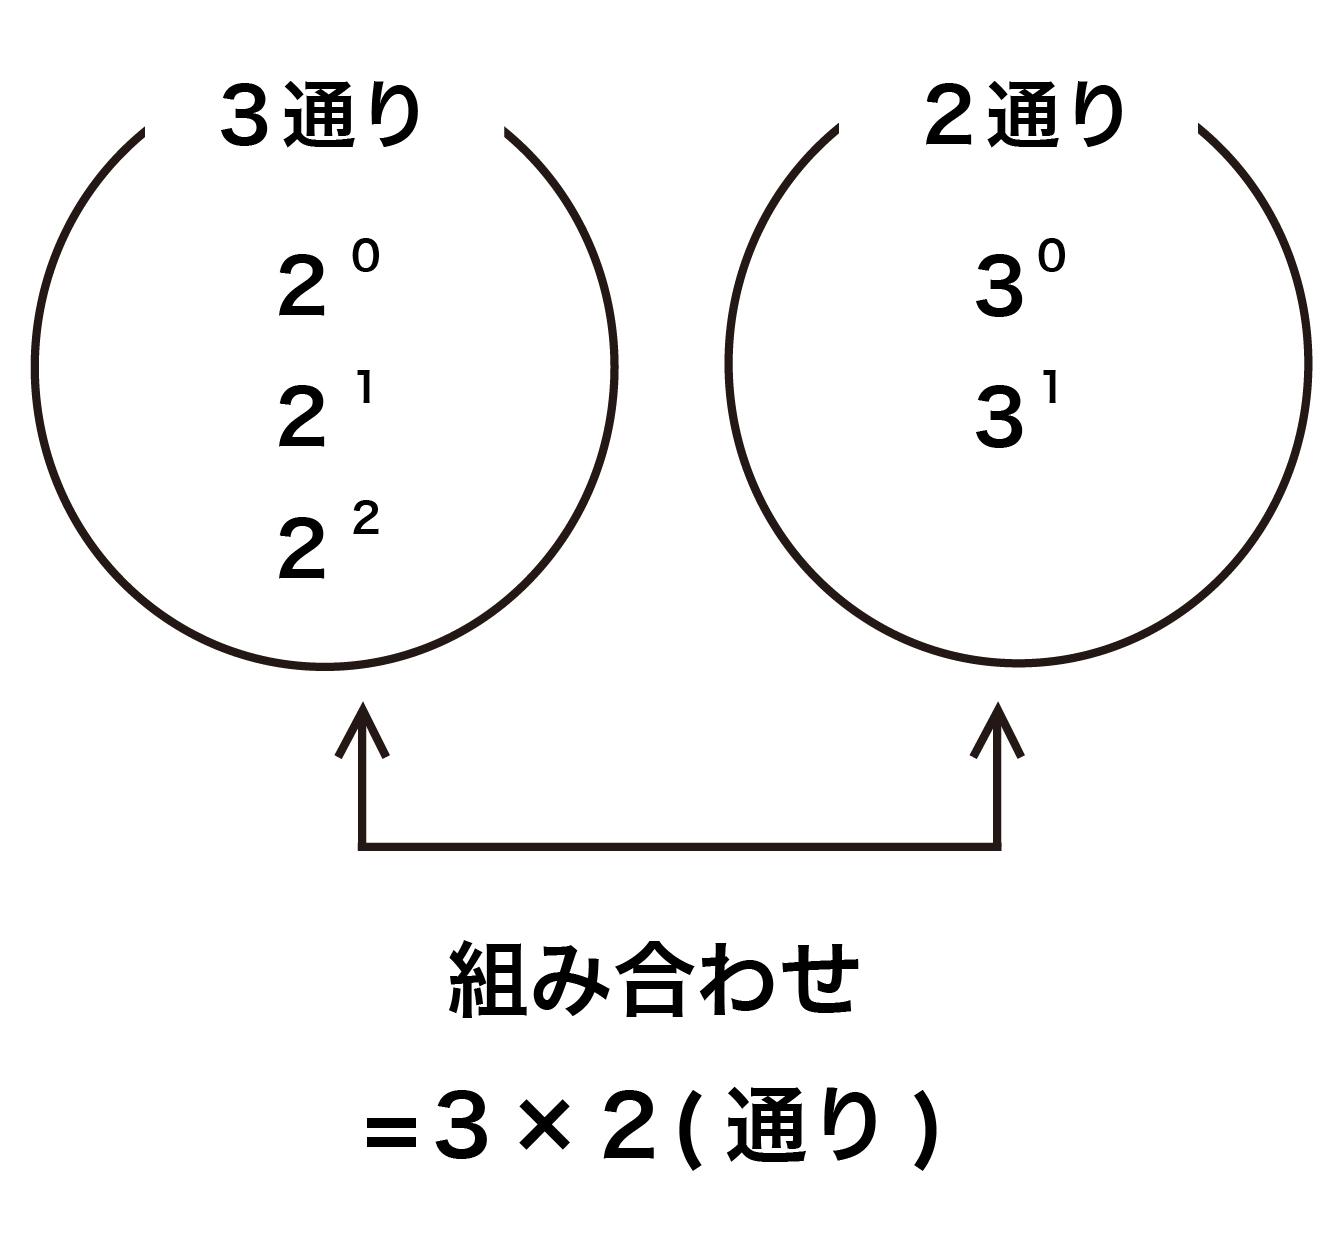 12の約数の求め方の解説